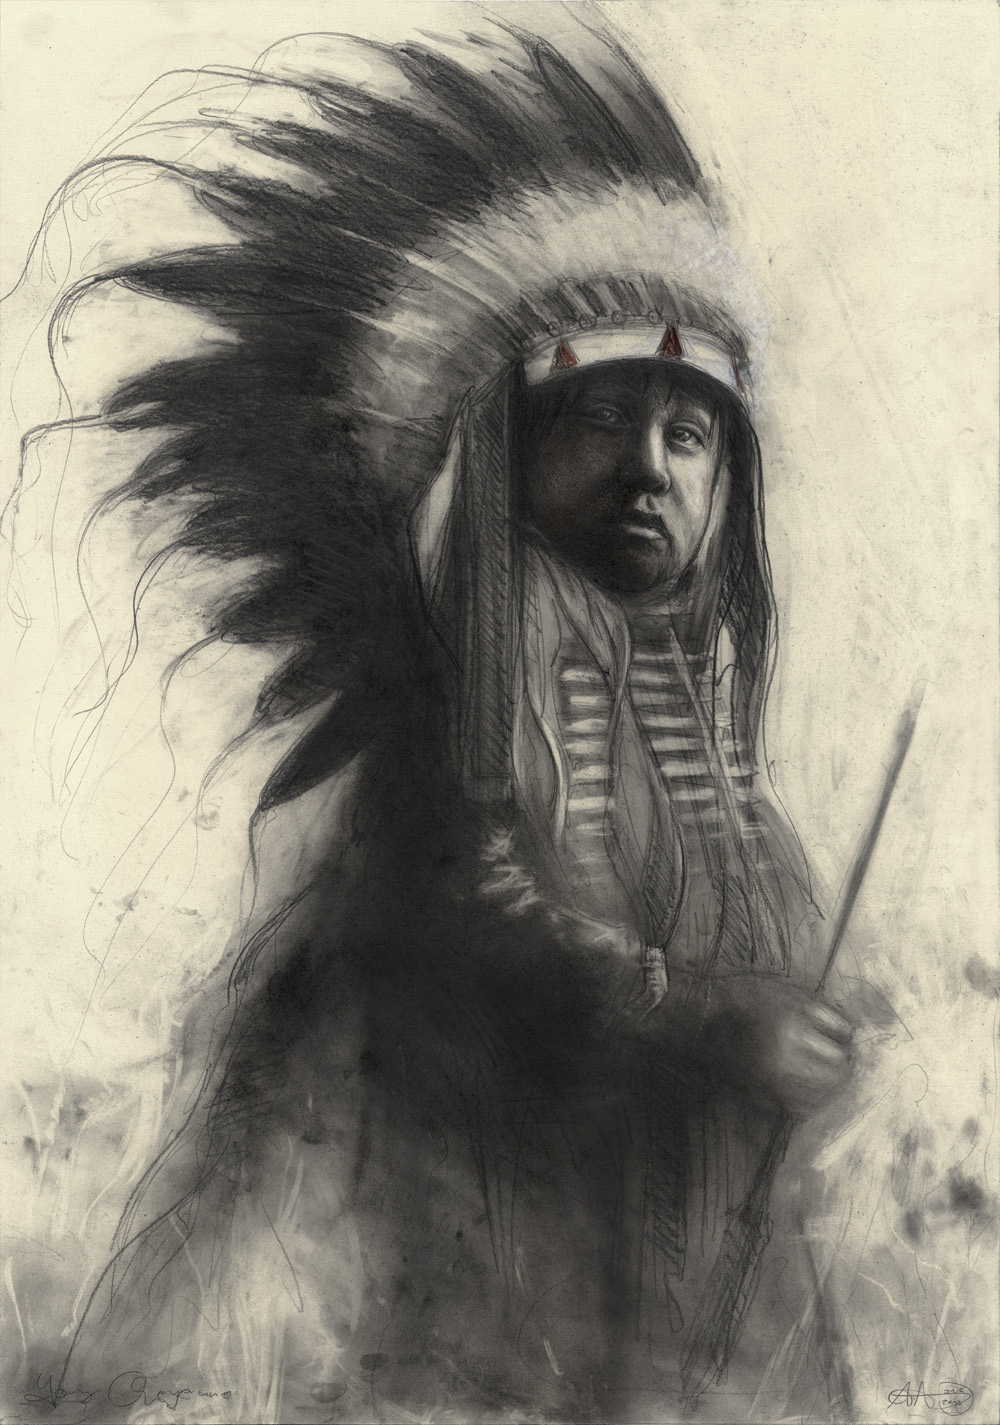 Young Boy - Cheyenne